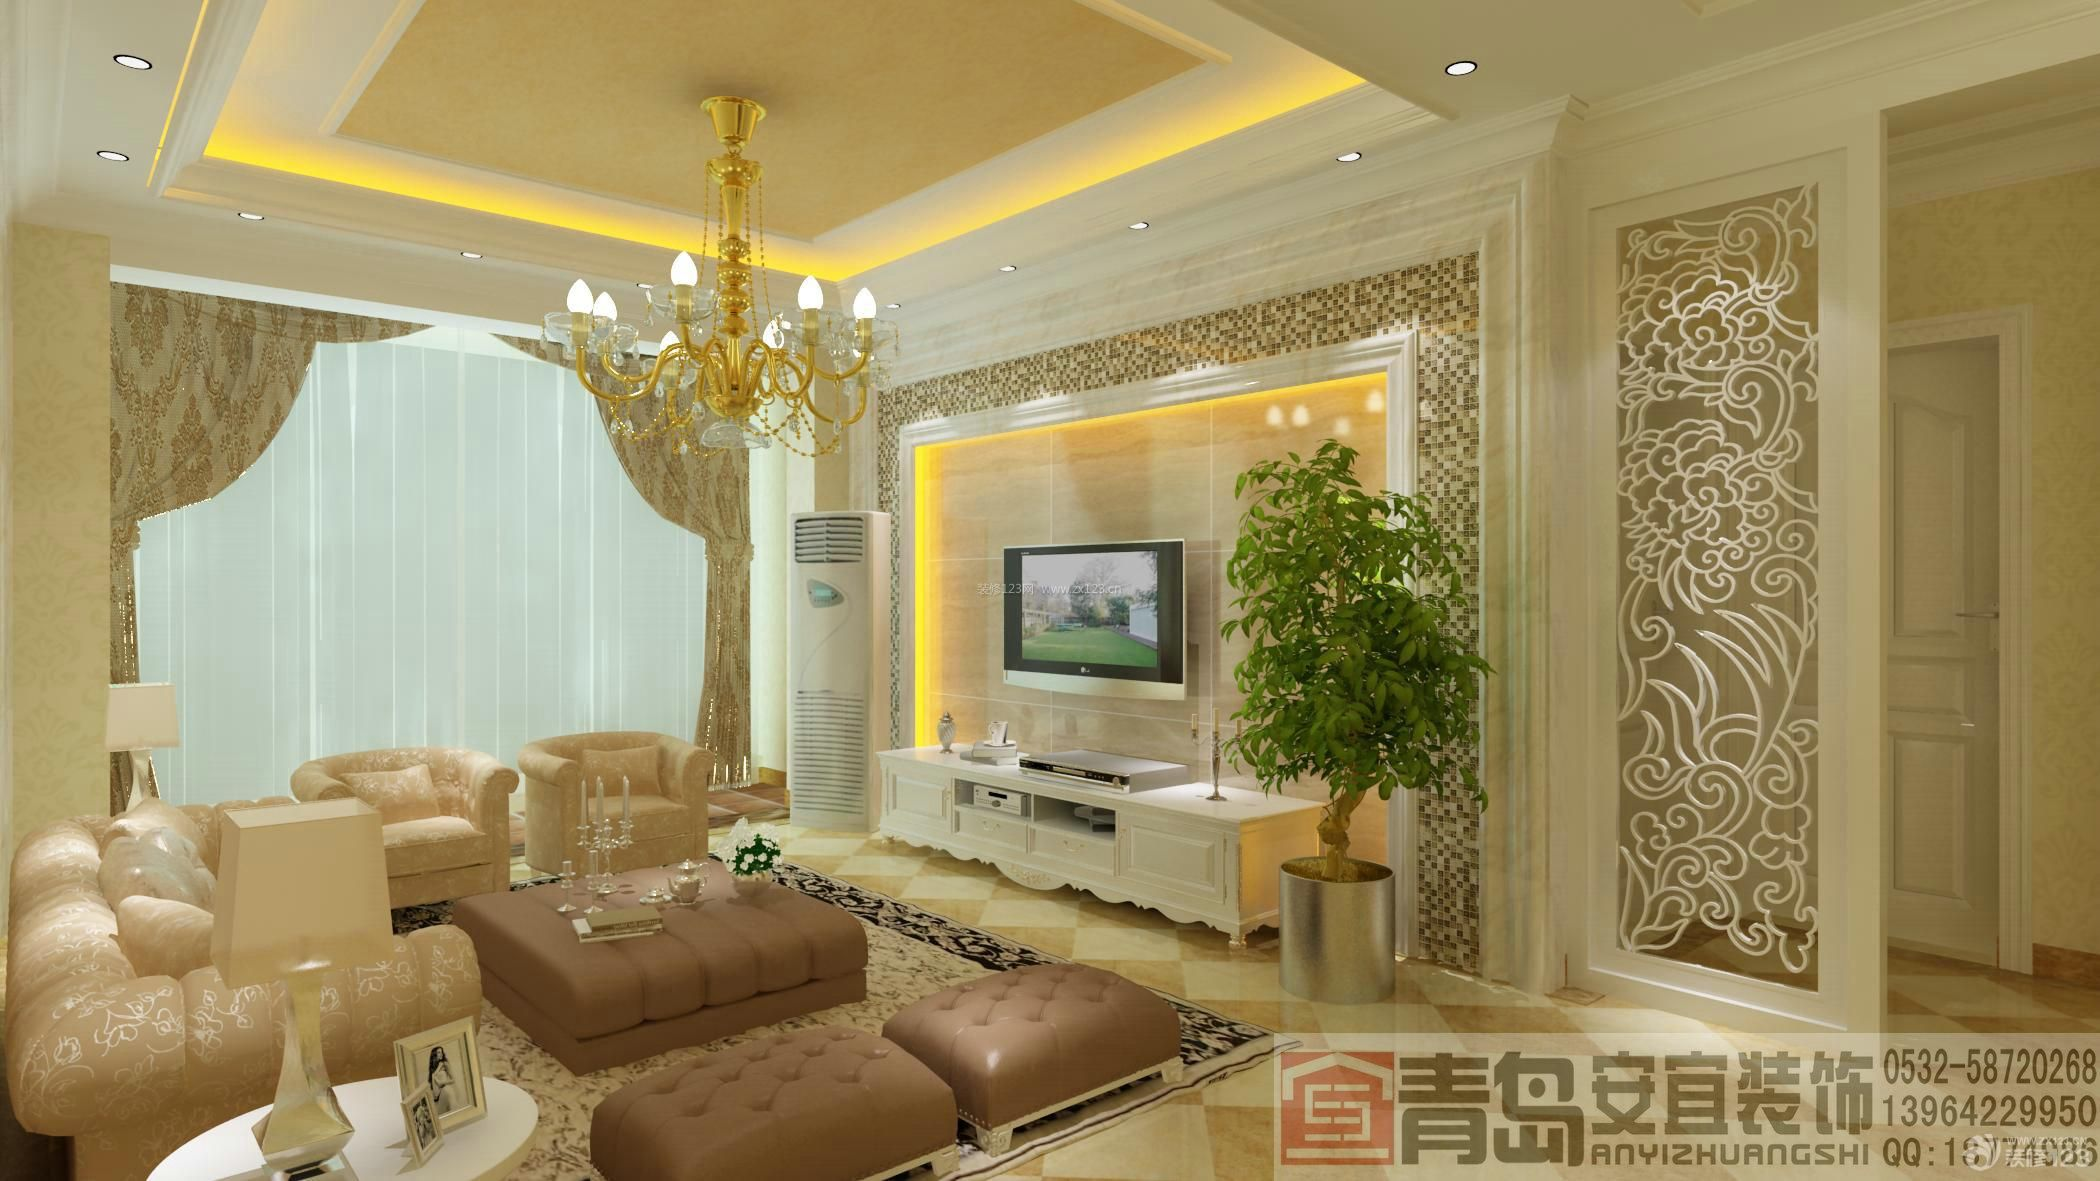 现代欧式客厅装修设计装修效果图大全2014图片